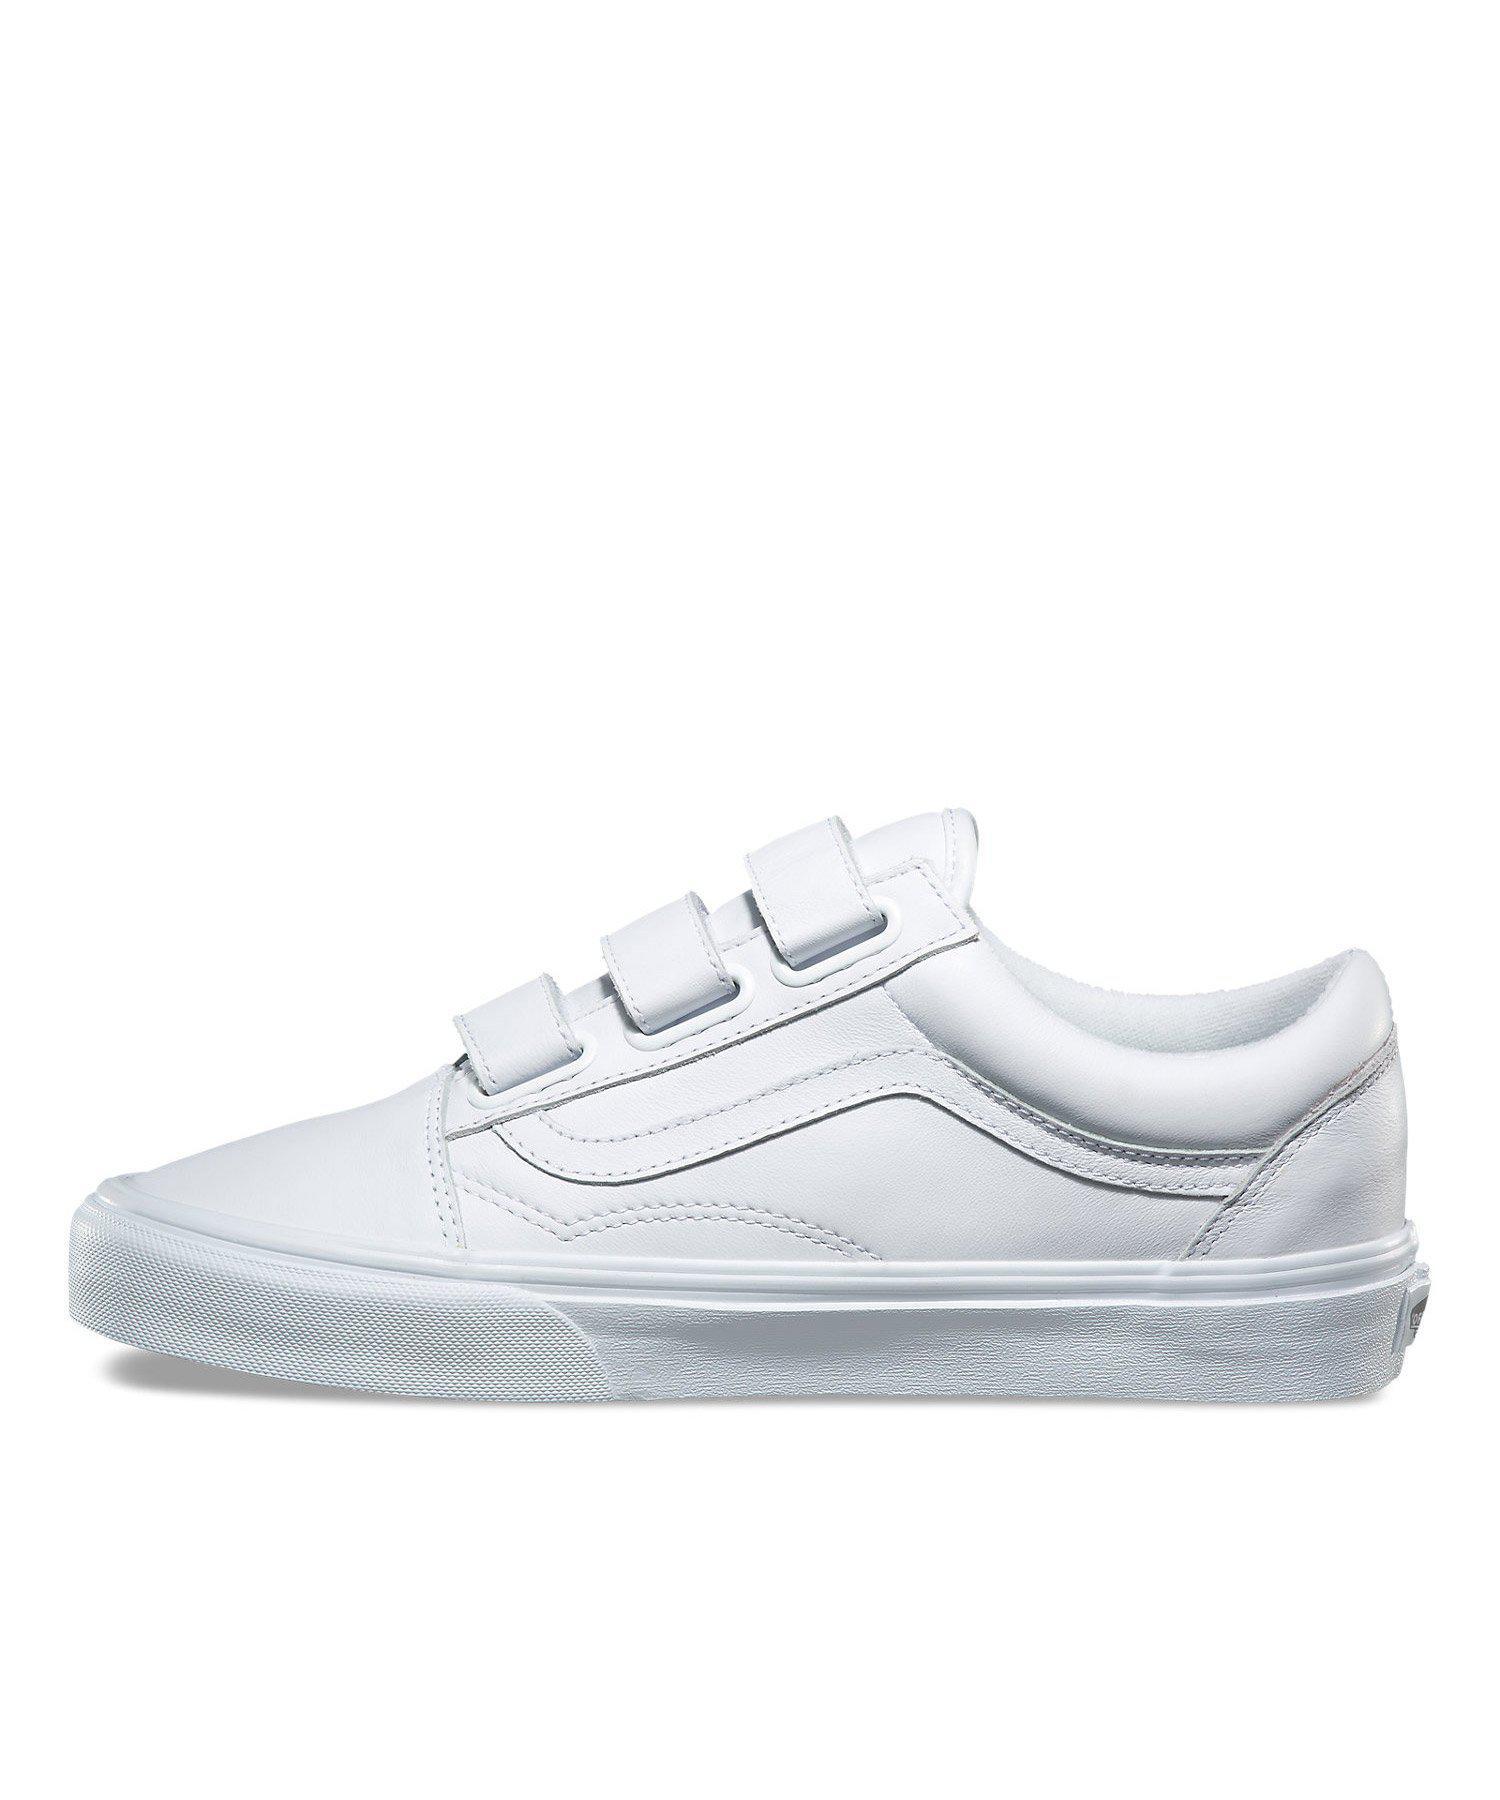 Lyst - Vans Old Skool V Mono Leather In True White in White for Men ef4484731